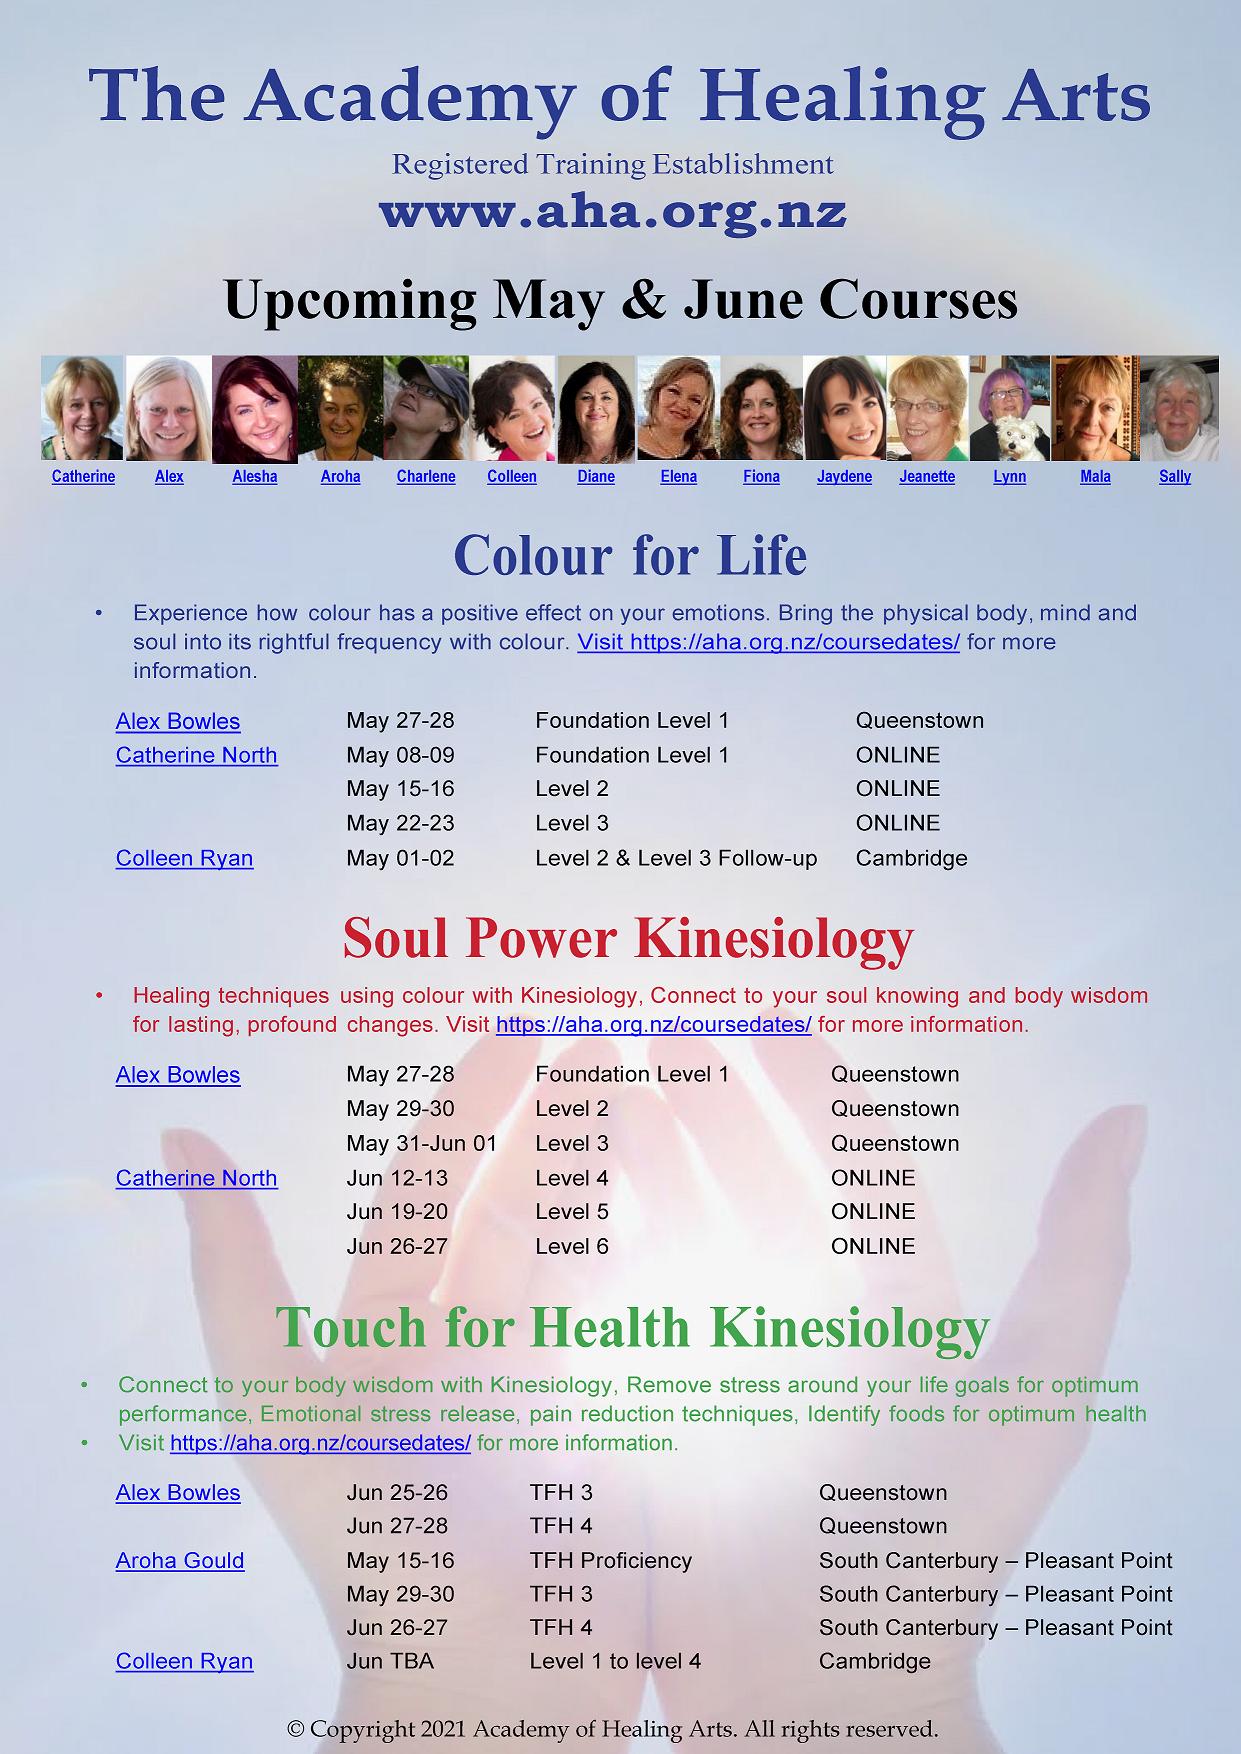 AHA Upcoming May & June Courses